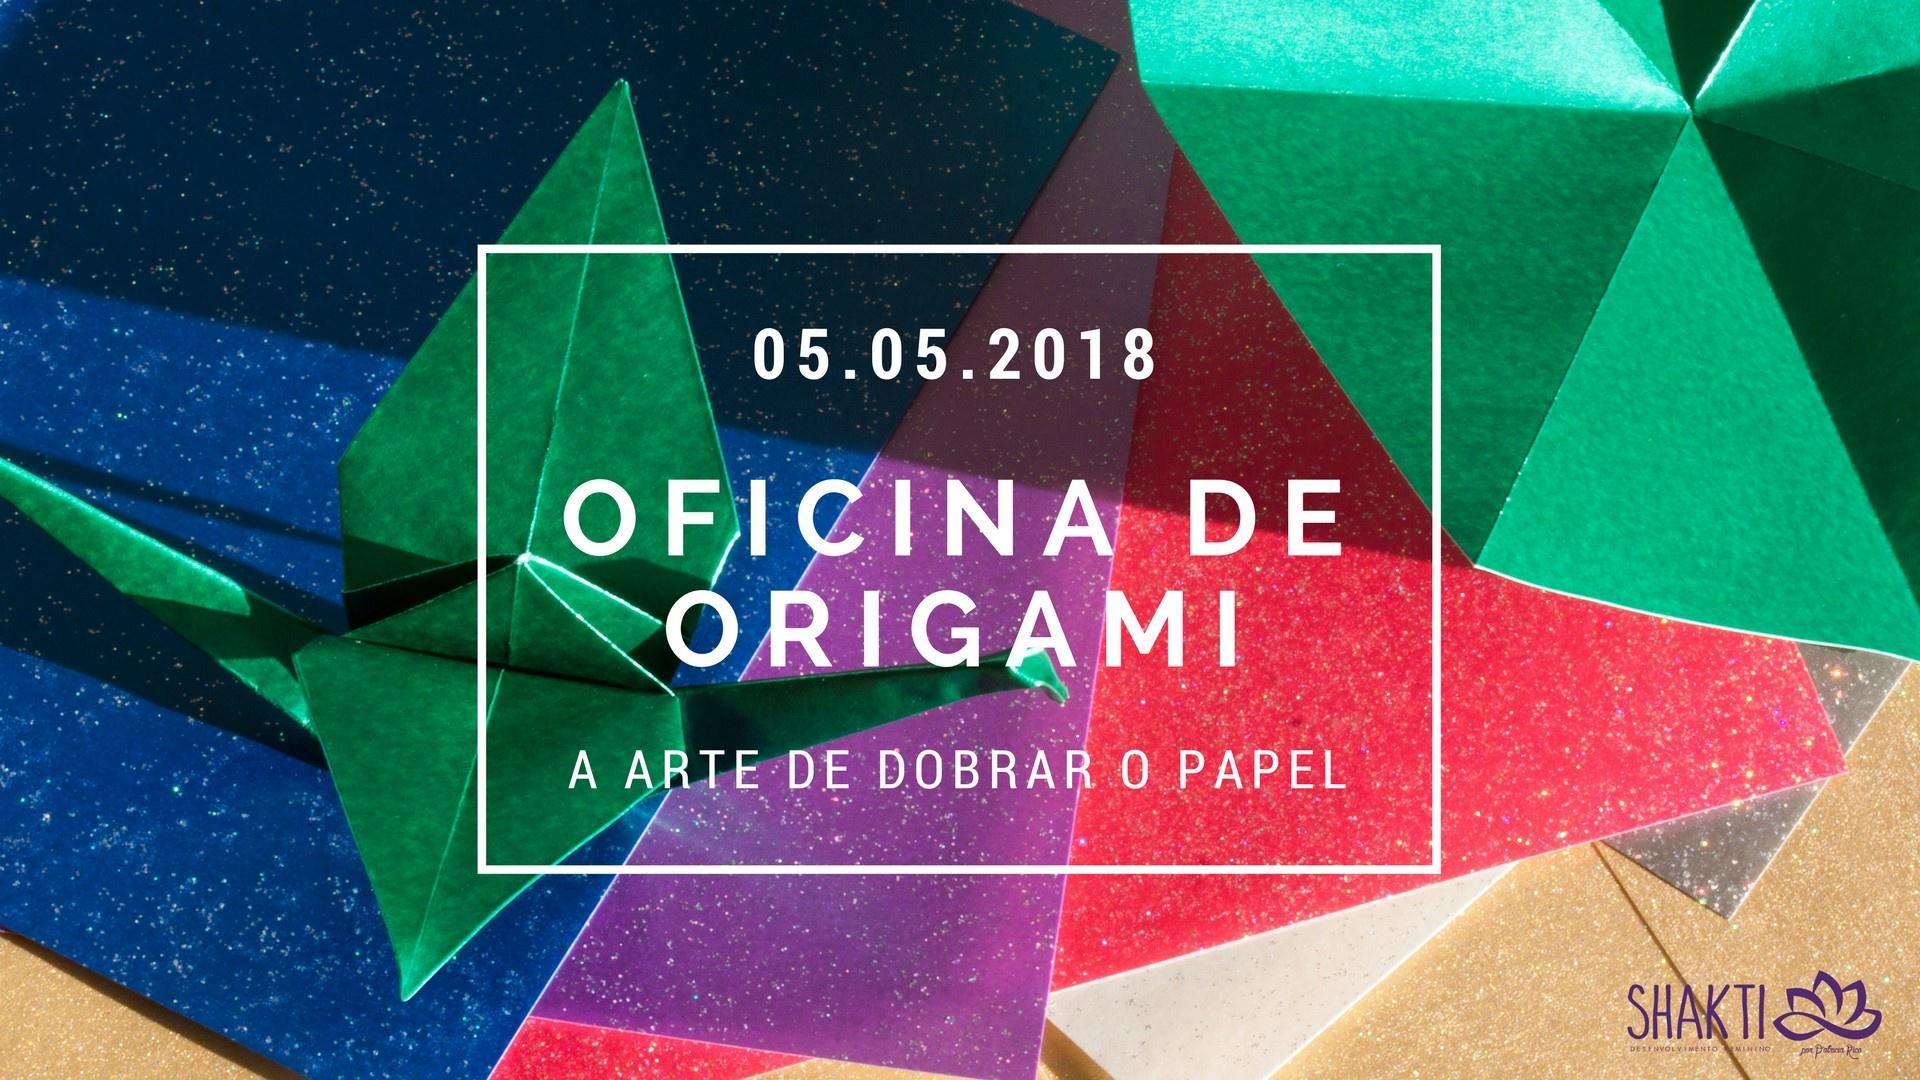 Oficina de Origami a arte de dobrar o papel  Sympla